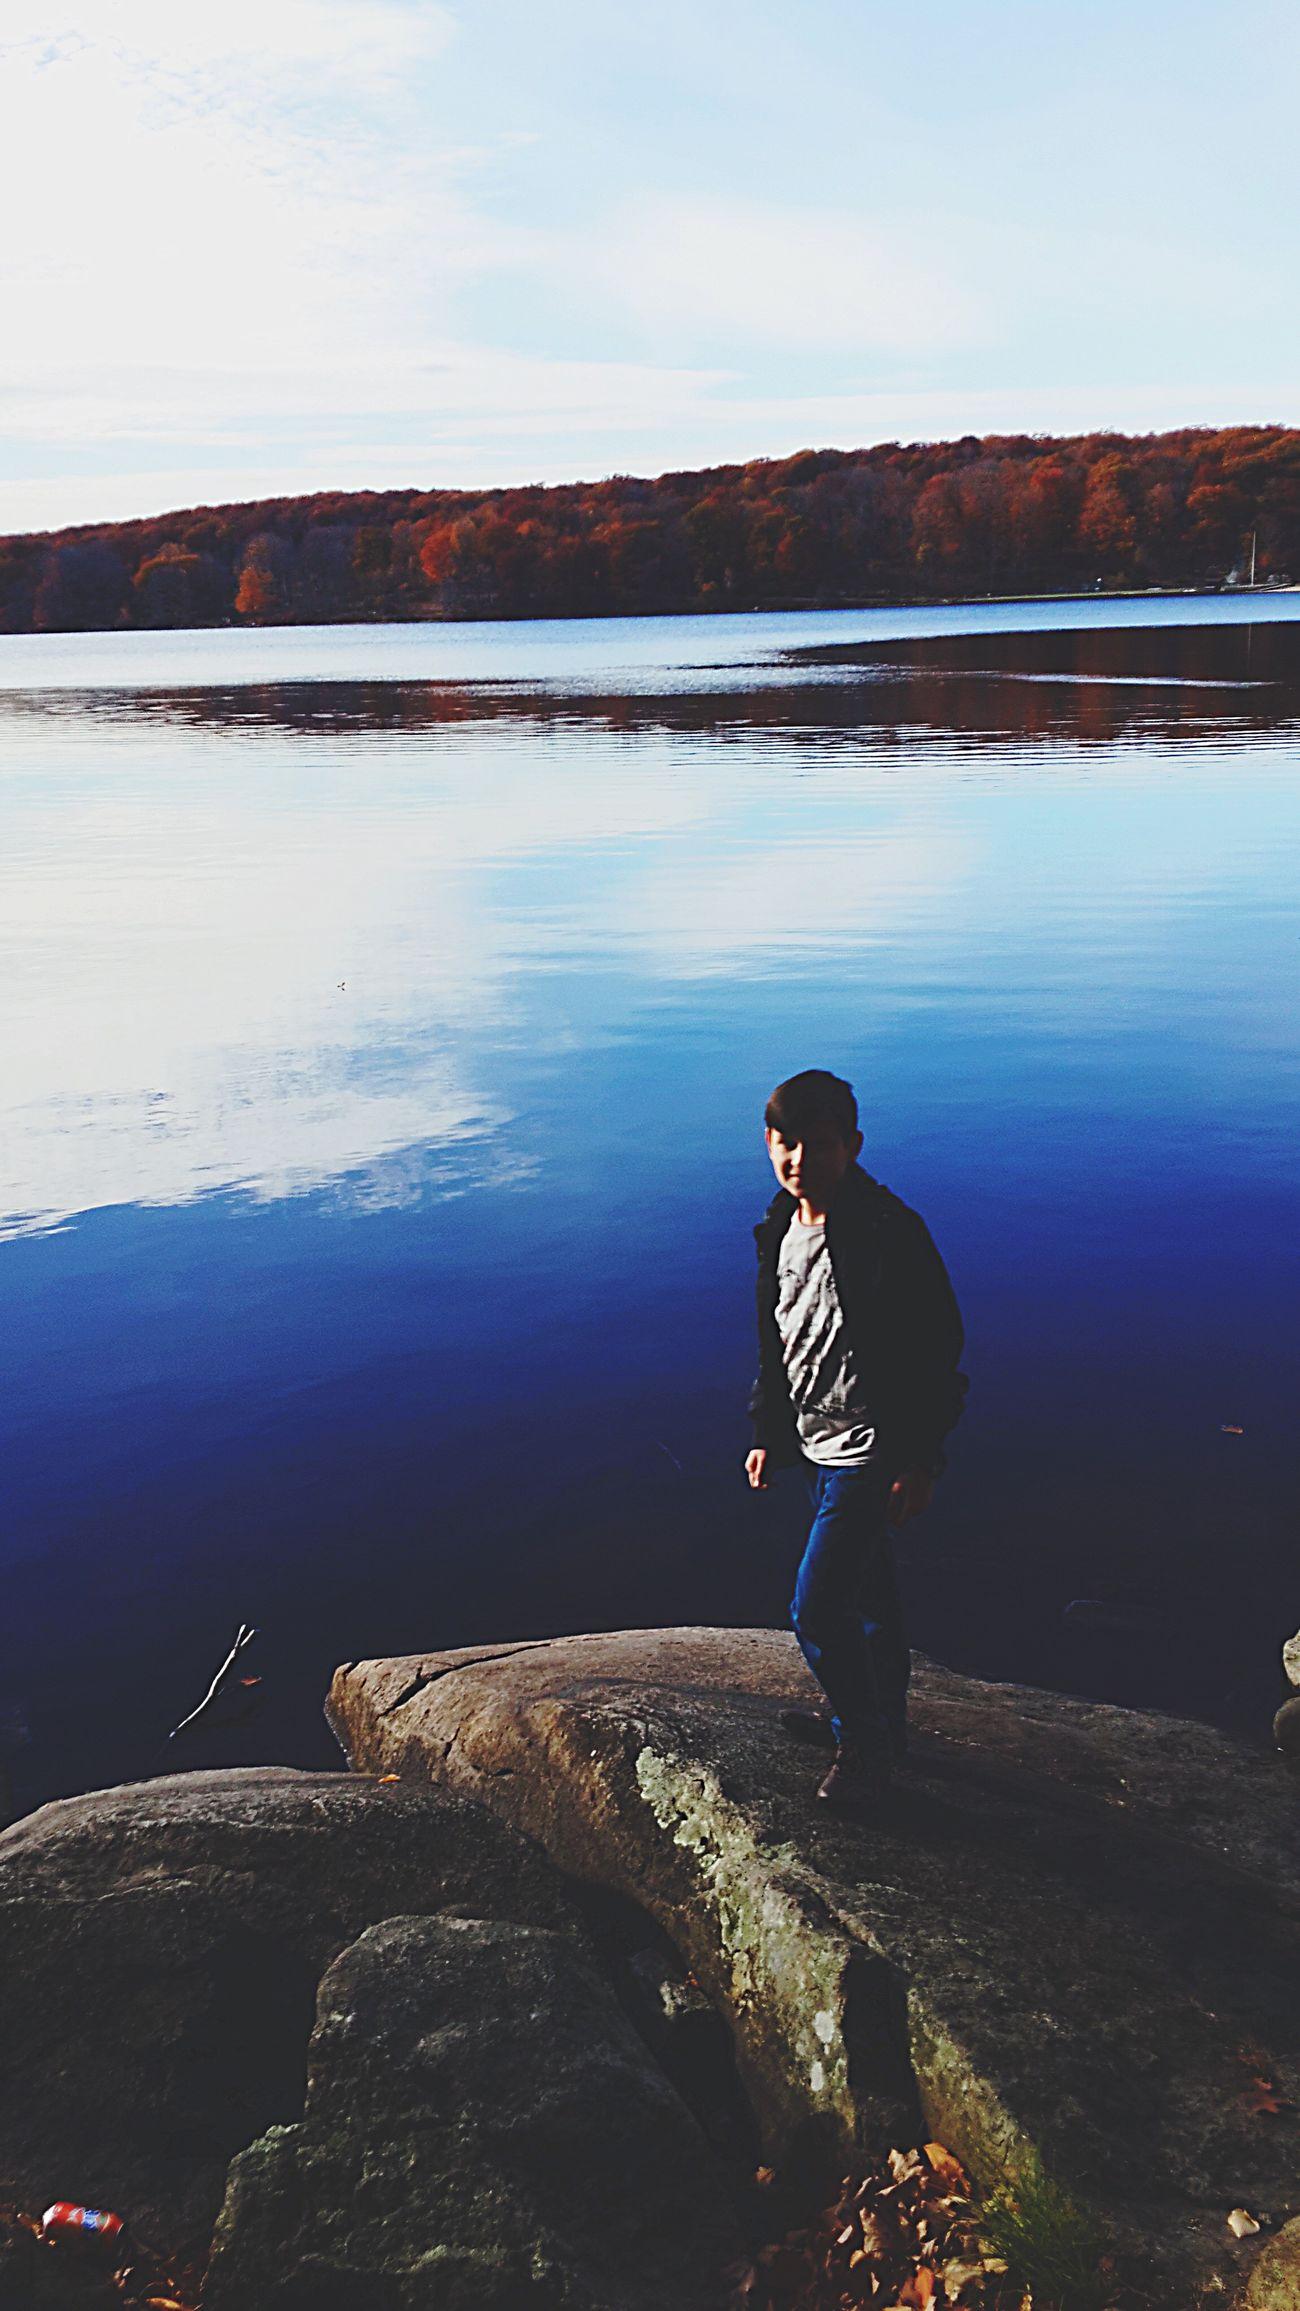 Lake Bearmountain Cold New York Lake View Blue View